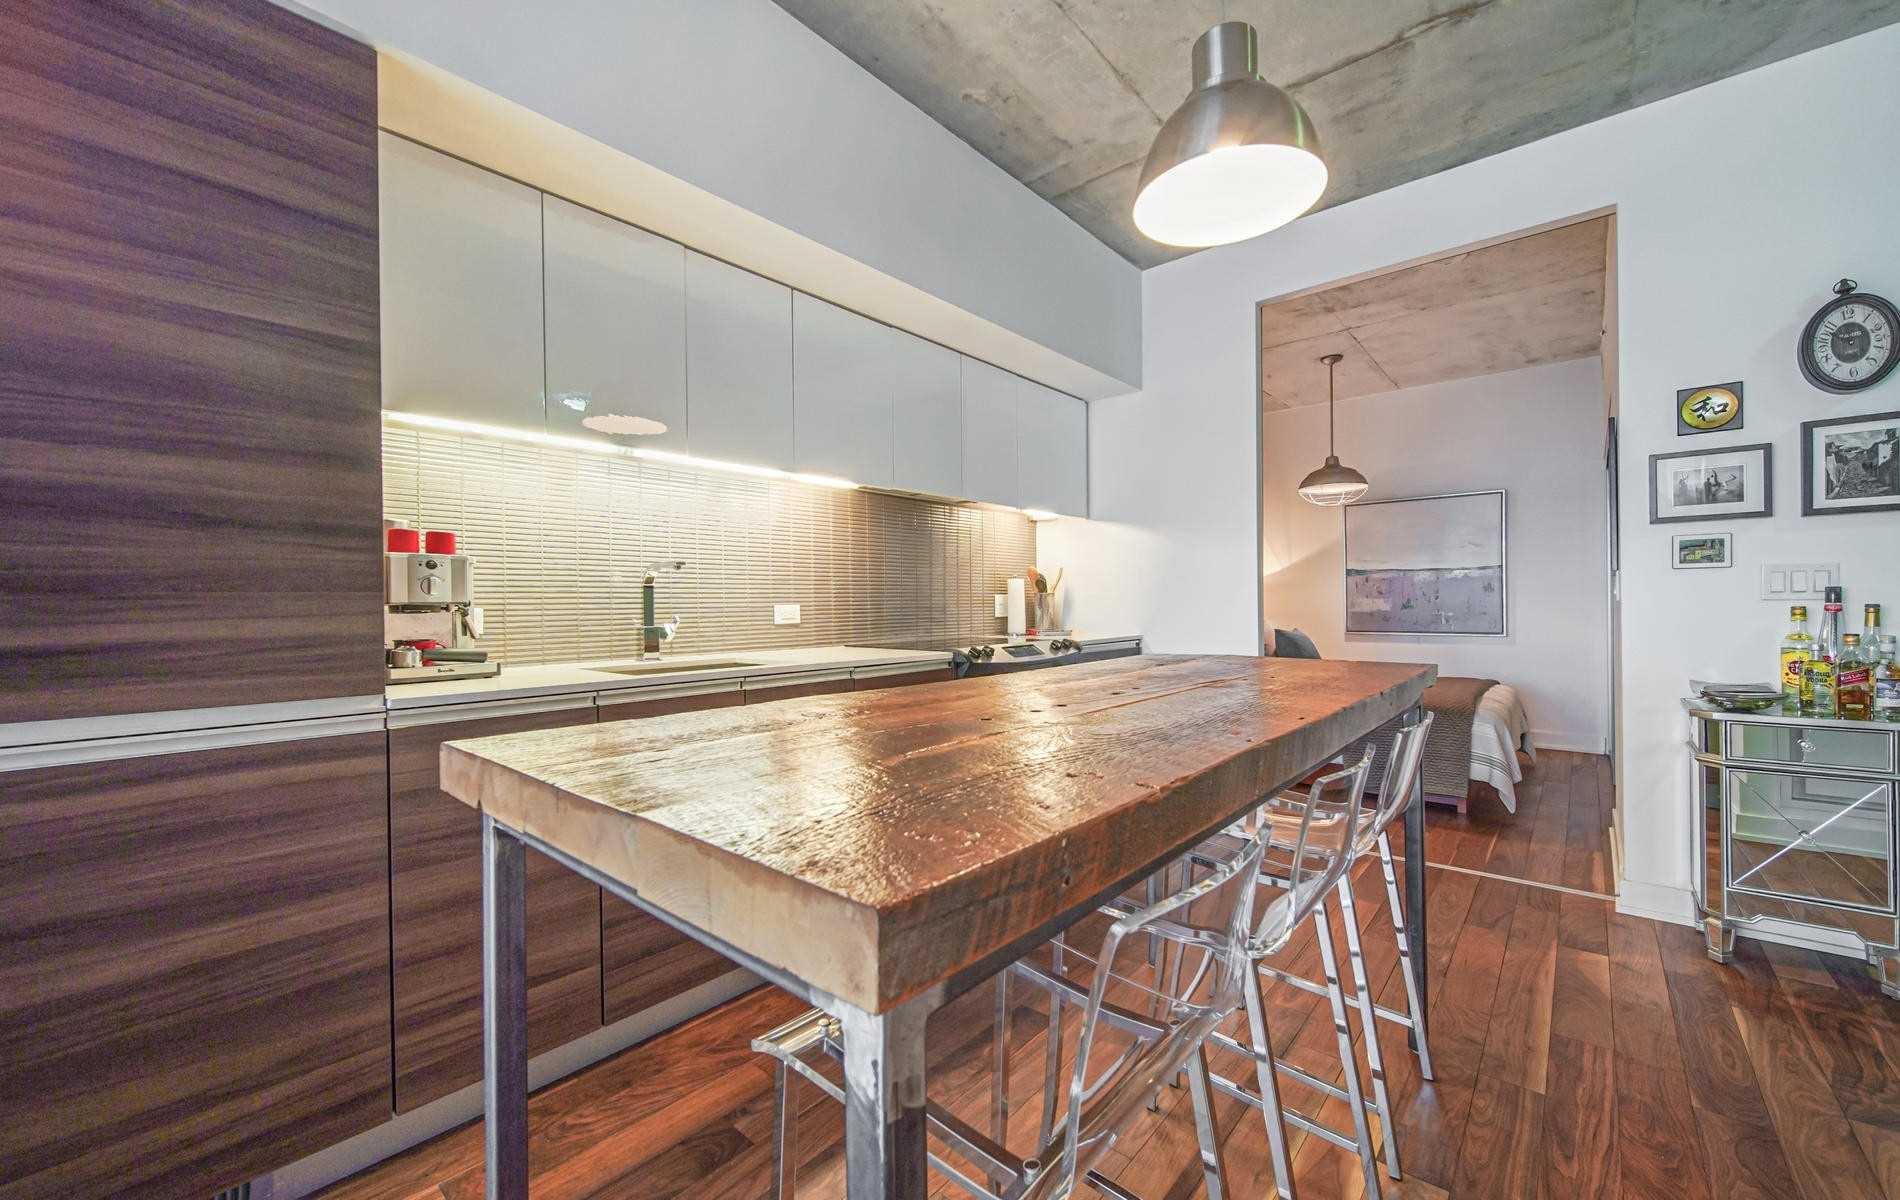 Photo 6: Photos: 702 1190 E Dundas Street in Toronto: South Riverdale Condo for sale (Toronto E01)  : MLS®# E4766173